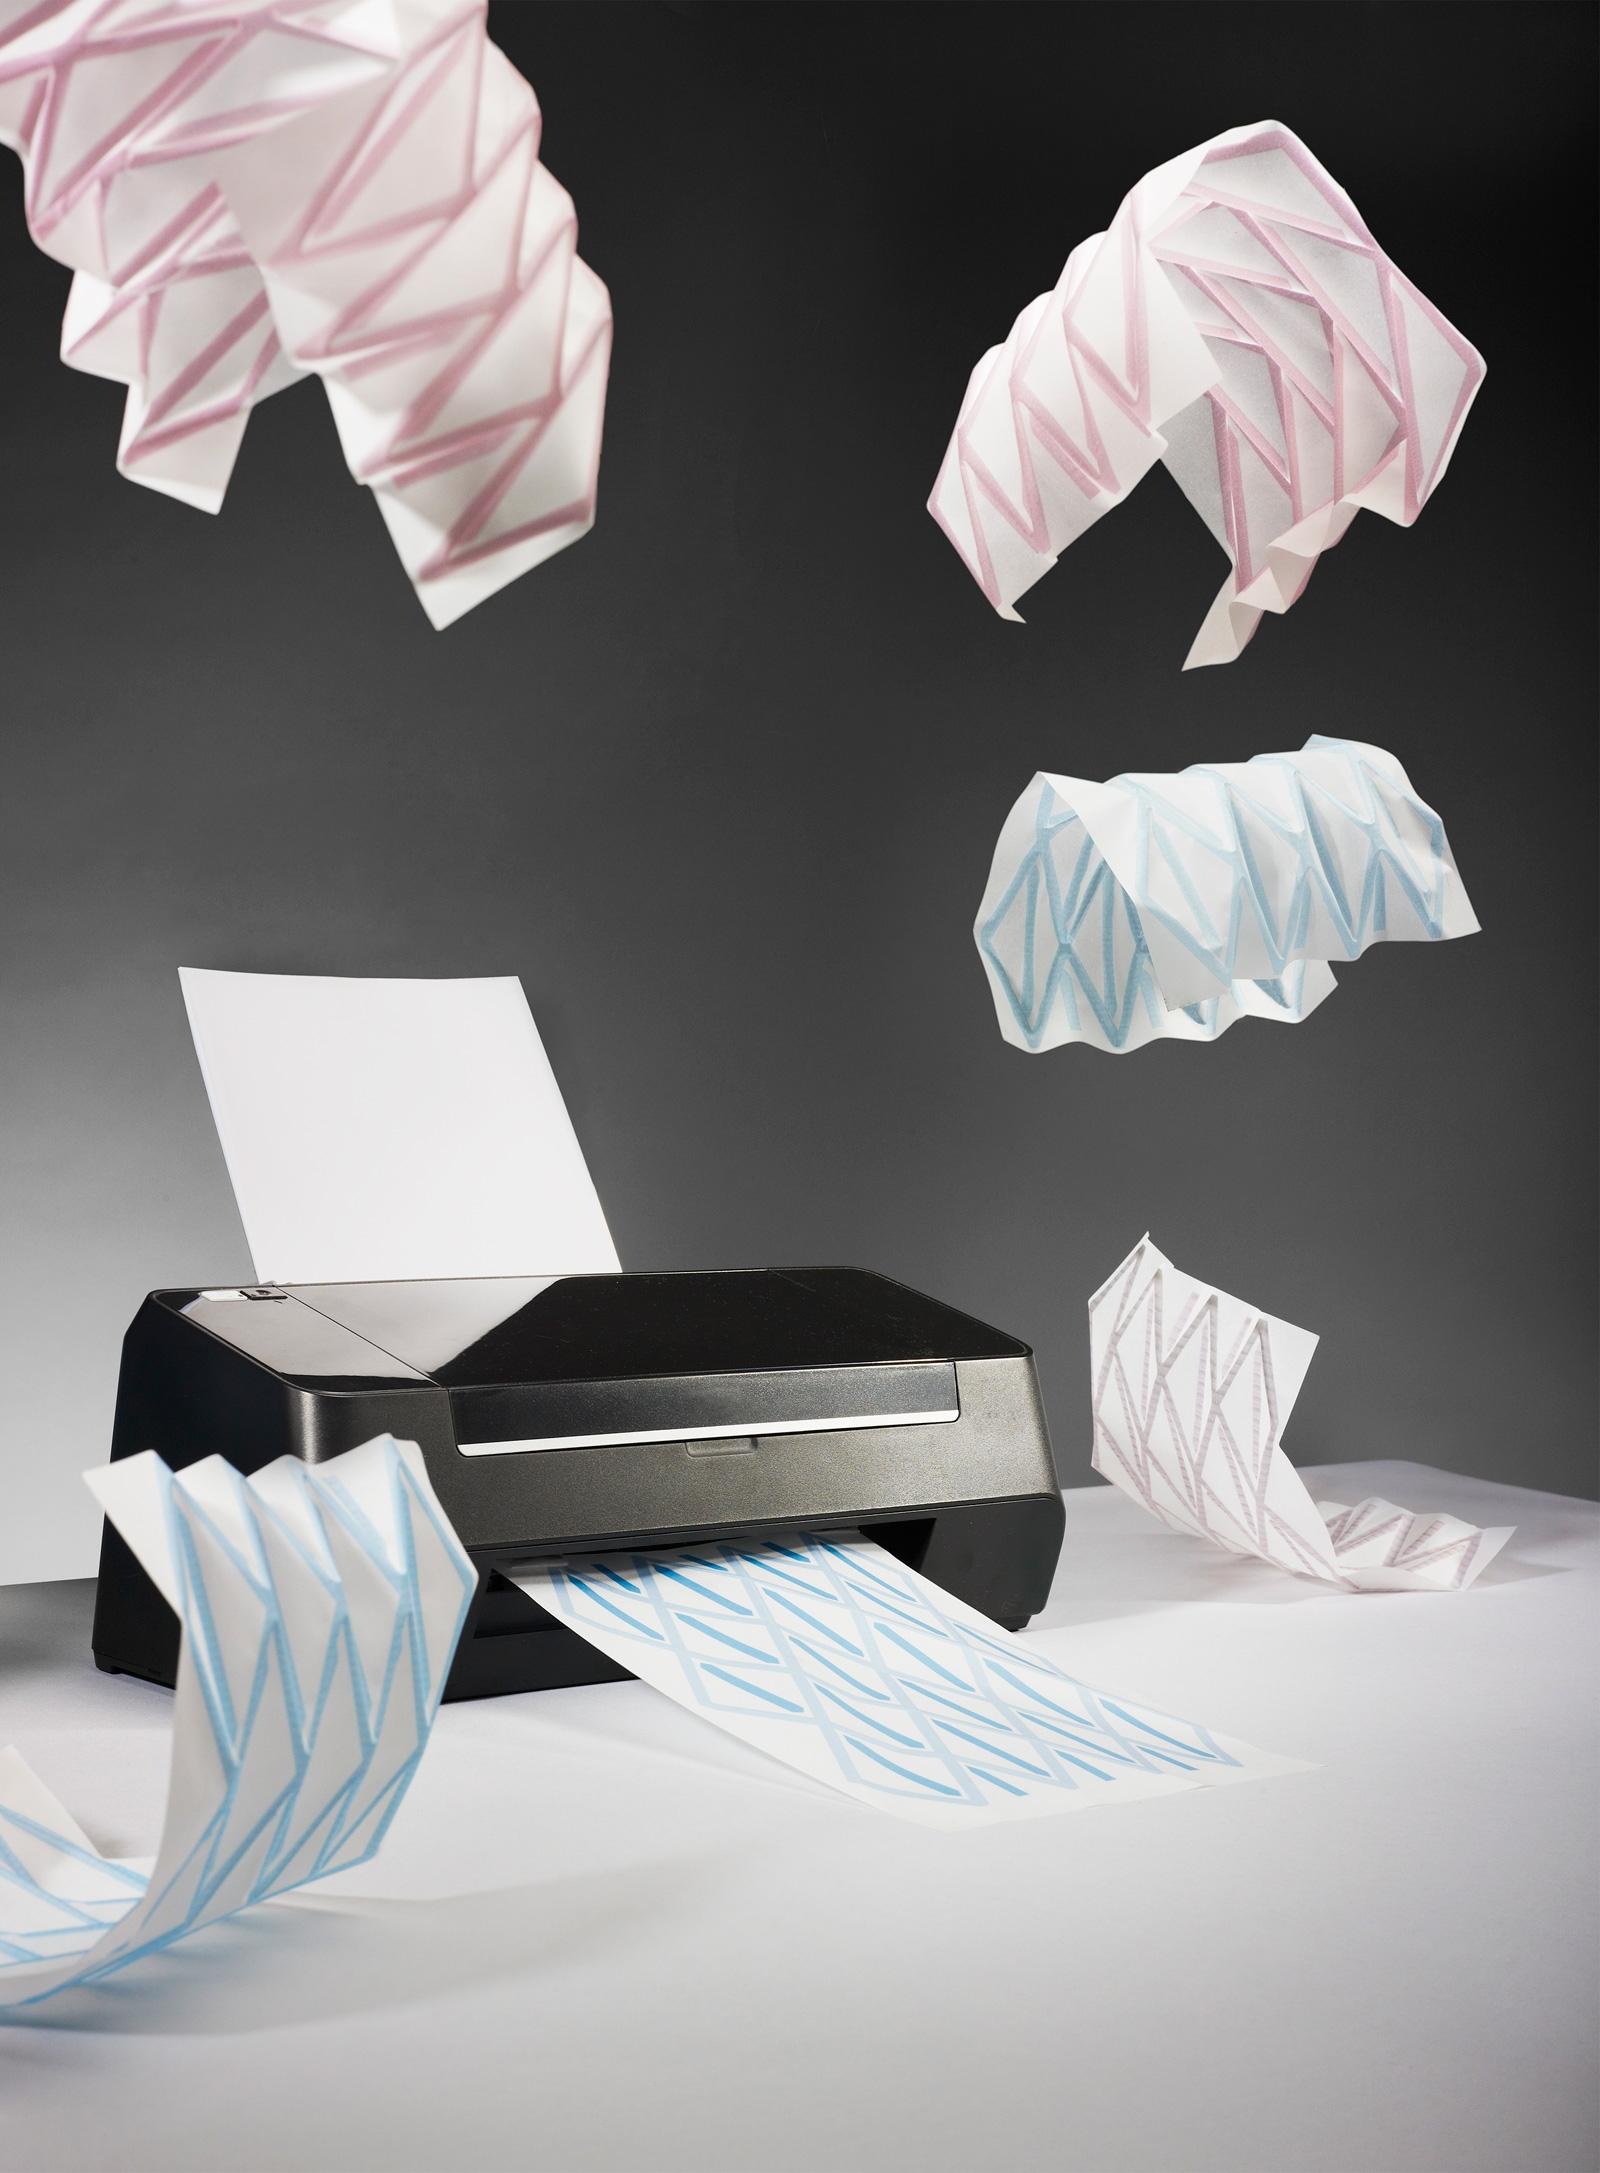 оригами сорока схема для начинающих